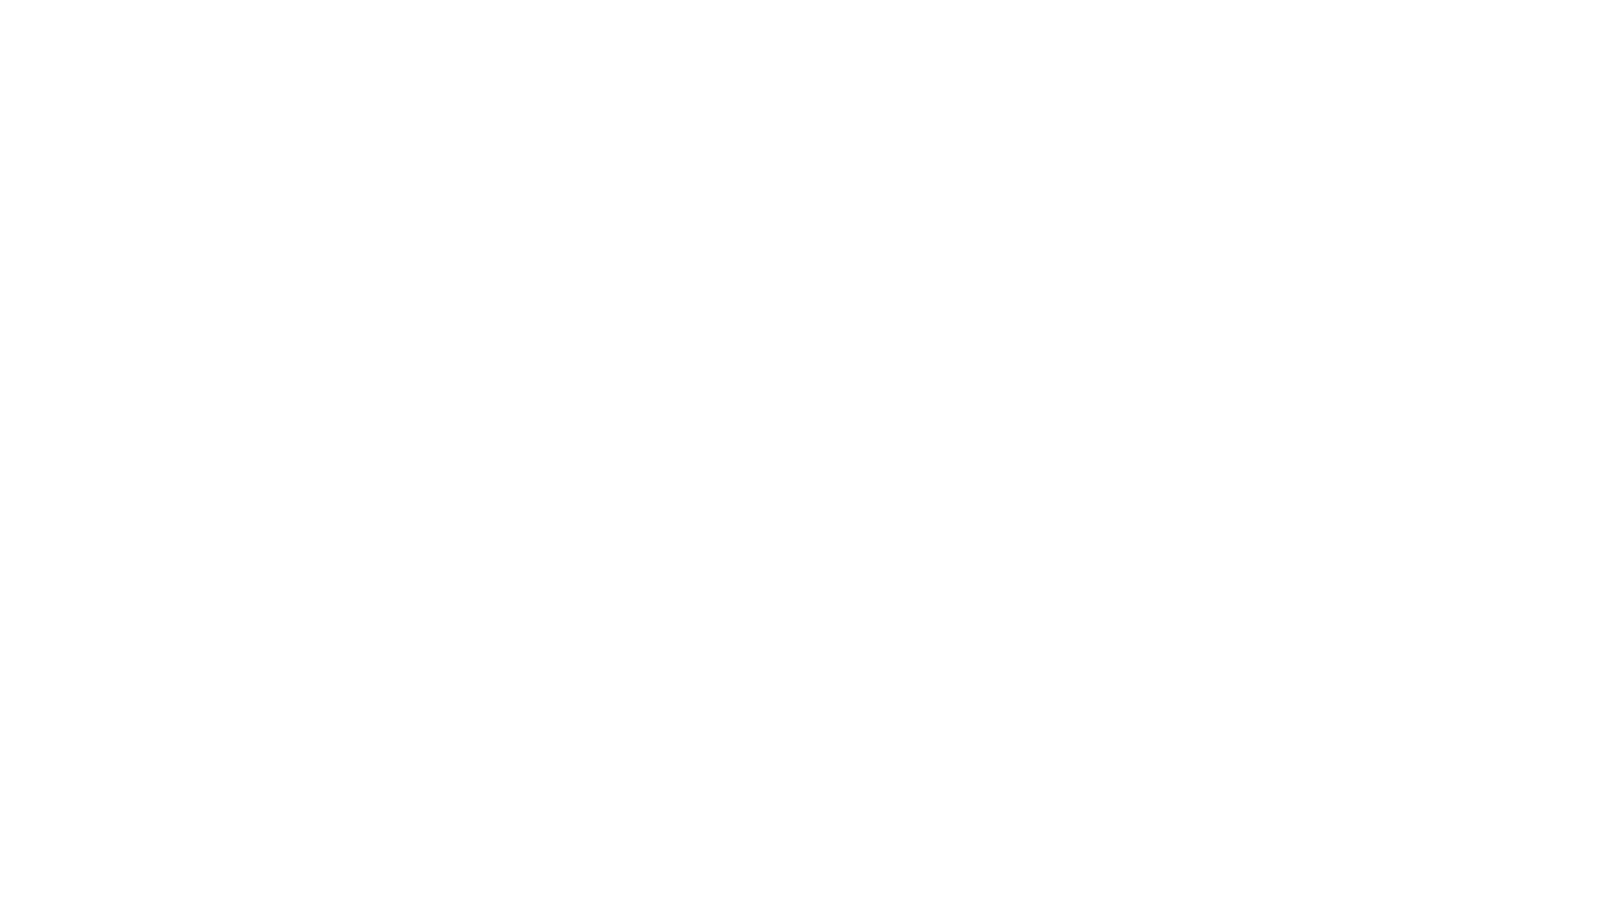 Esse vídeo faz parte da Semana da Eficiência Energética 2021, evento que conecta consumidores de energia, especialistas e profissionais com o ecossistema de empresas do setor.   PATROCÍNIO  A Semana da Eficiência Energética só é possível graças ao apoio e conhecimento de grandes parceiros.  DAIKIN -  https://jornadadaeficiencia.com.br/daikin/  GREENYELLOW - https://jornadadaeficiencia.com.br/greenyellow/  IMS - https://jornadadaeficiencia.com.br/ims/  OILON - https://jornadadaeficiencia.com.br/oilon/  2W ENERGIA - https://jornadadaeficiencia.com.br/2w-energia-2/    UMA REALIZAÇÃO    JORNADA DA EFICIÊNCIA - https://jornadadaeficiencia.com.br/   Siga no Linkedin:  https://www.linkedin.com/company/jornada-da-eficiencia/   Canal no Telegram:  https://t.me/jornadadaeficiencia  Canal no Youtube: https://www.youtube.com/c/jornadadaeficiencia